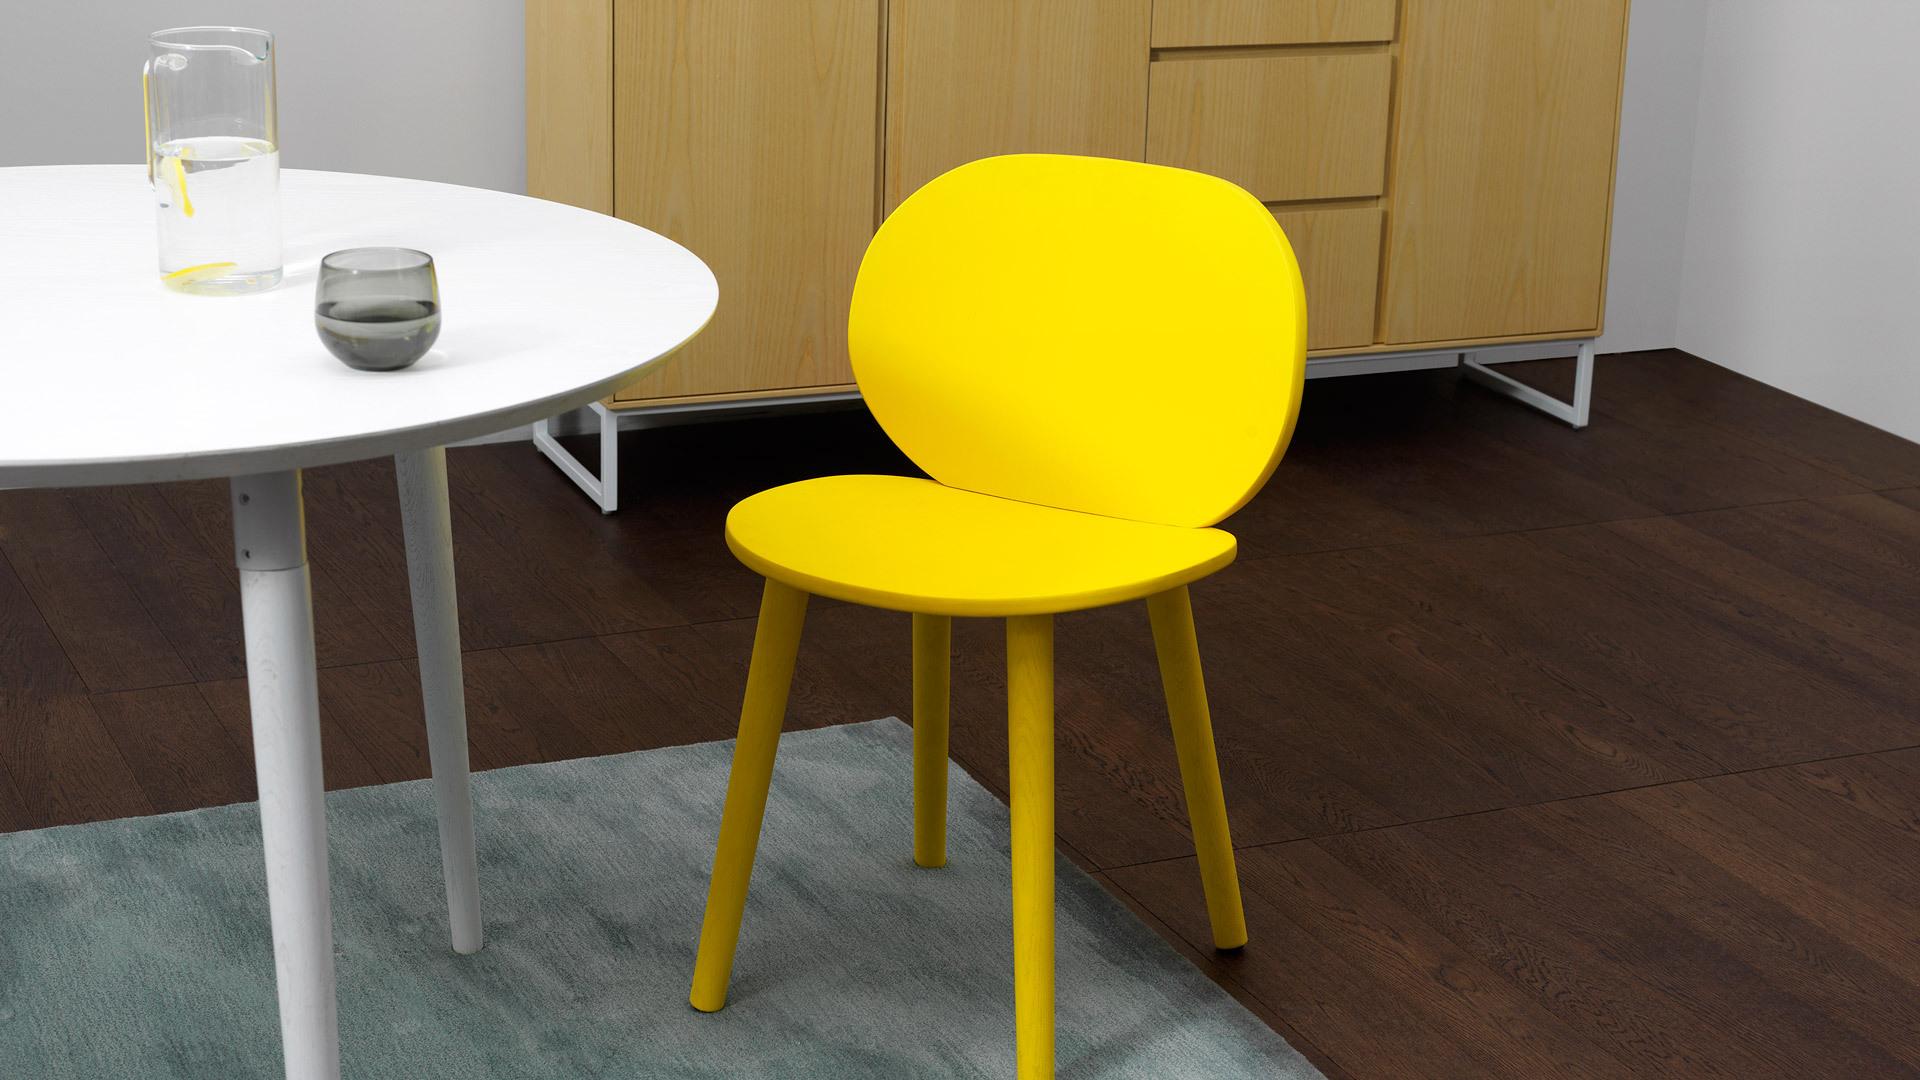 搭配曲线贴合的画板圆餐桌,打造一处精致餐区,圆弧曲线相互呼应,一抹鲜亮柠黄提亮围坐氛围,优雅用餐仪式立添俏皮情趣。